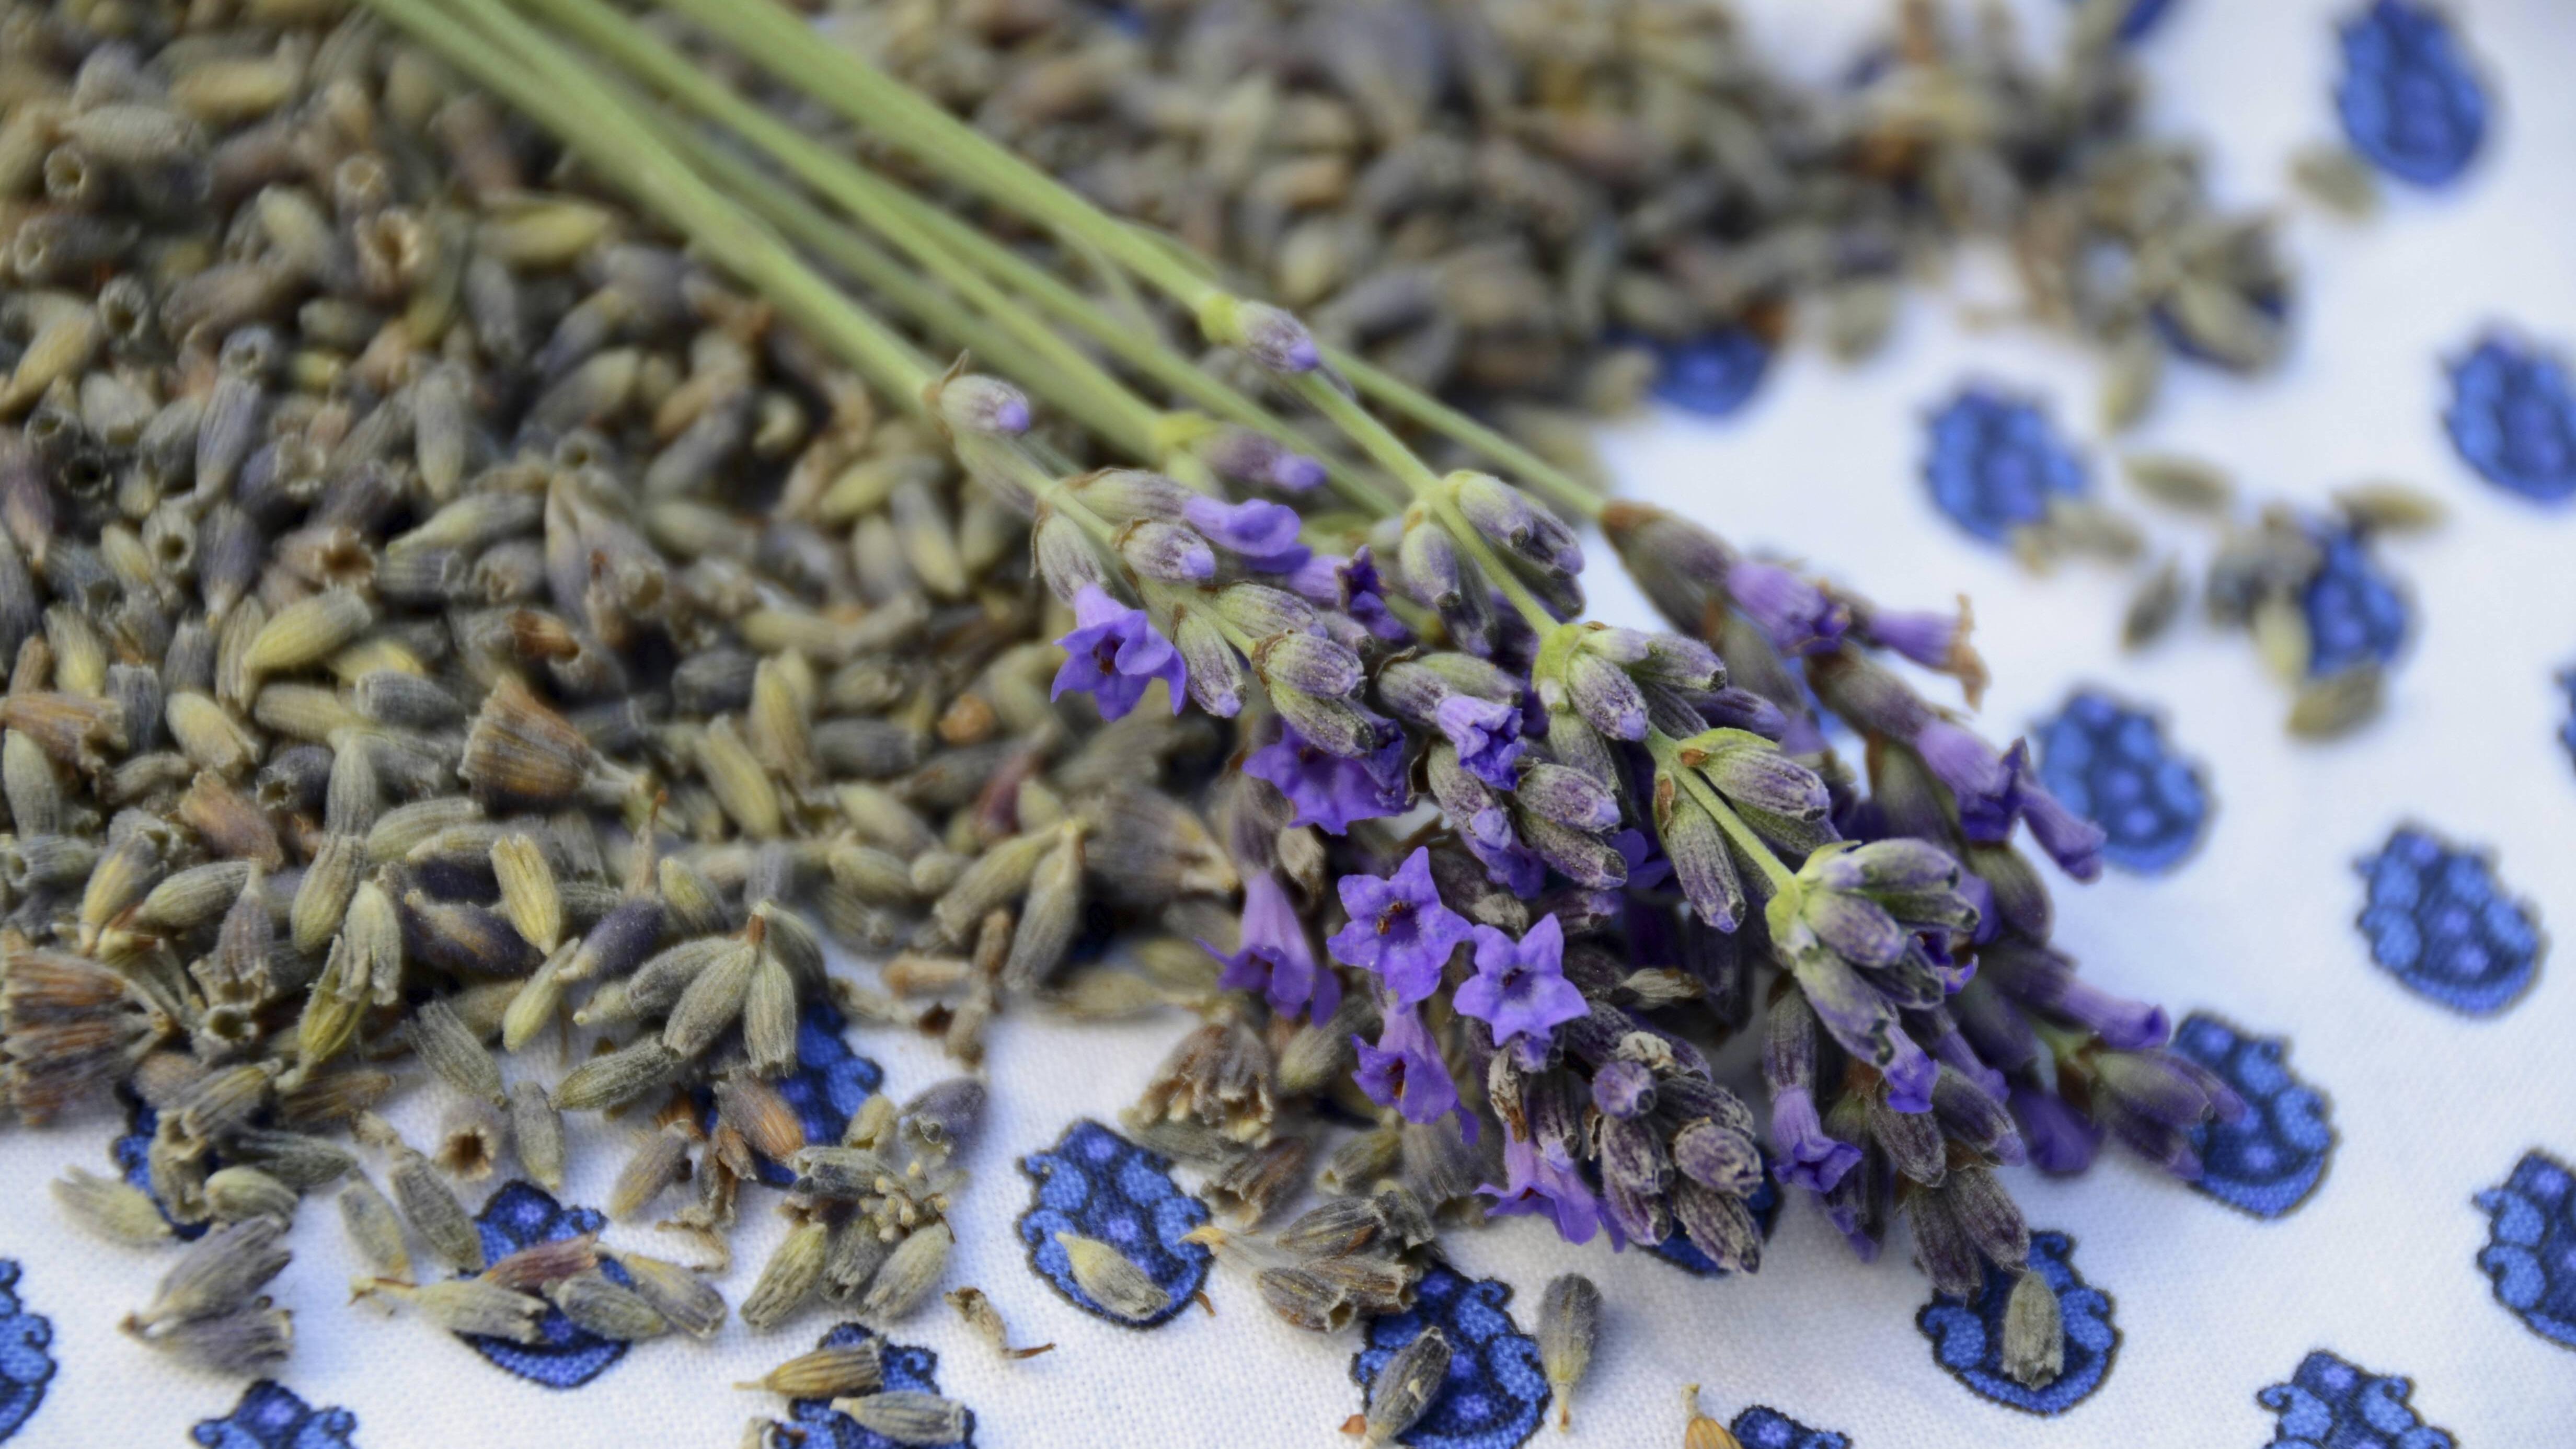 Der perfekte Zeitprunkt Lavendel zu schneiden, ist vor der Ernte.